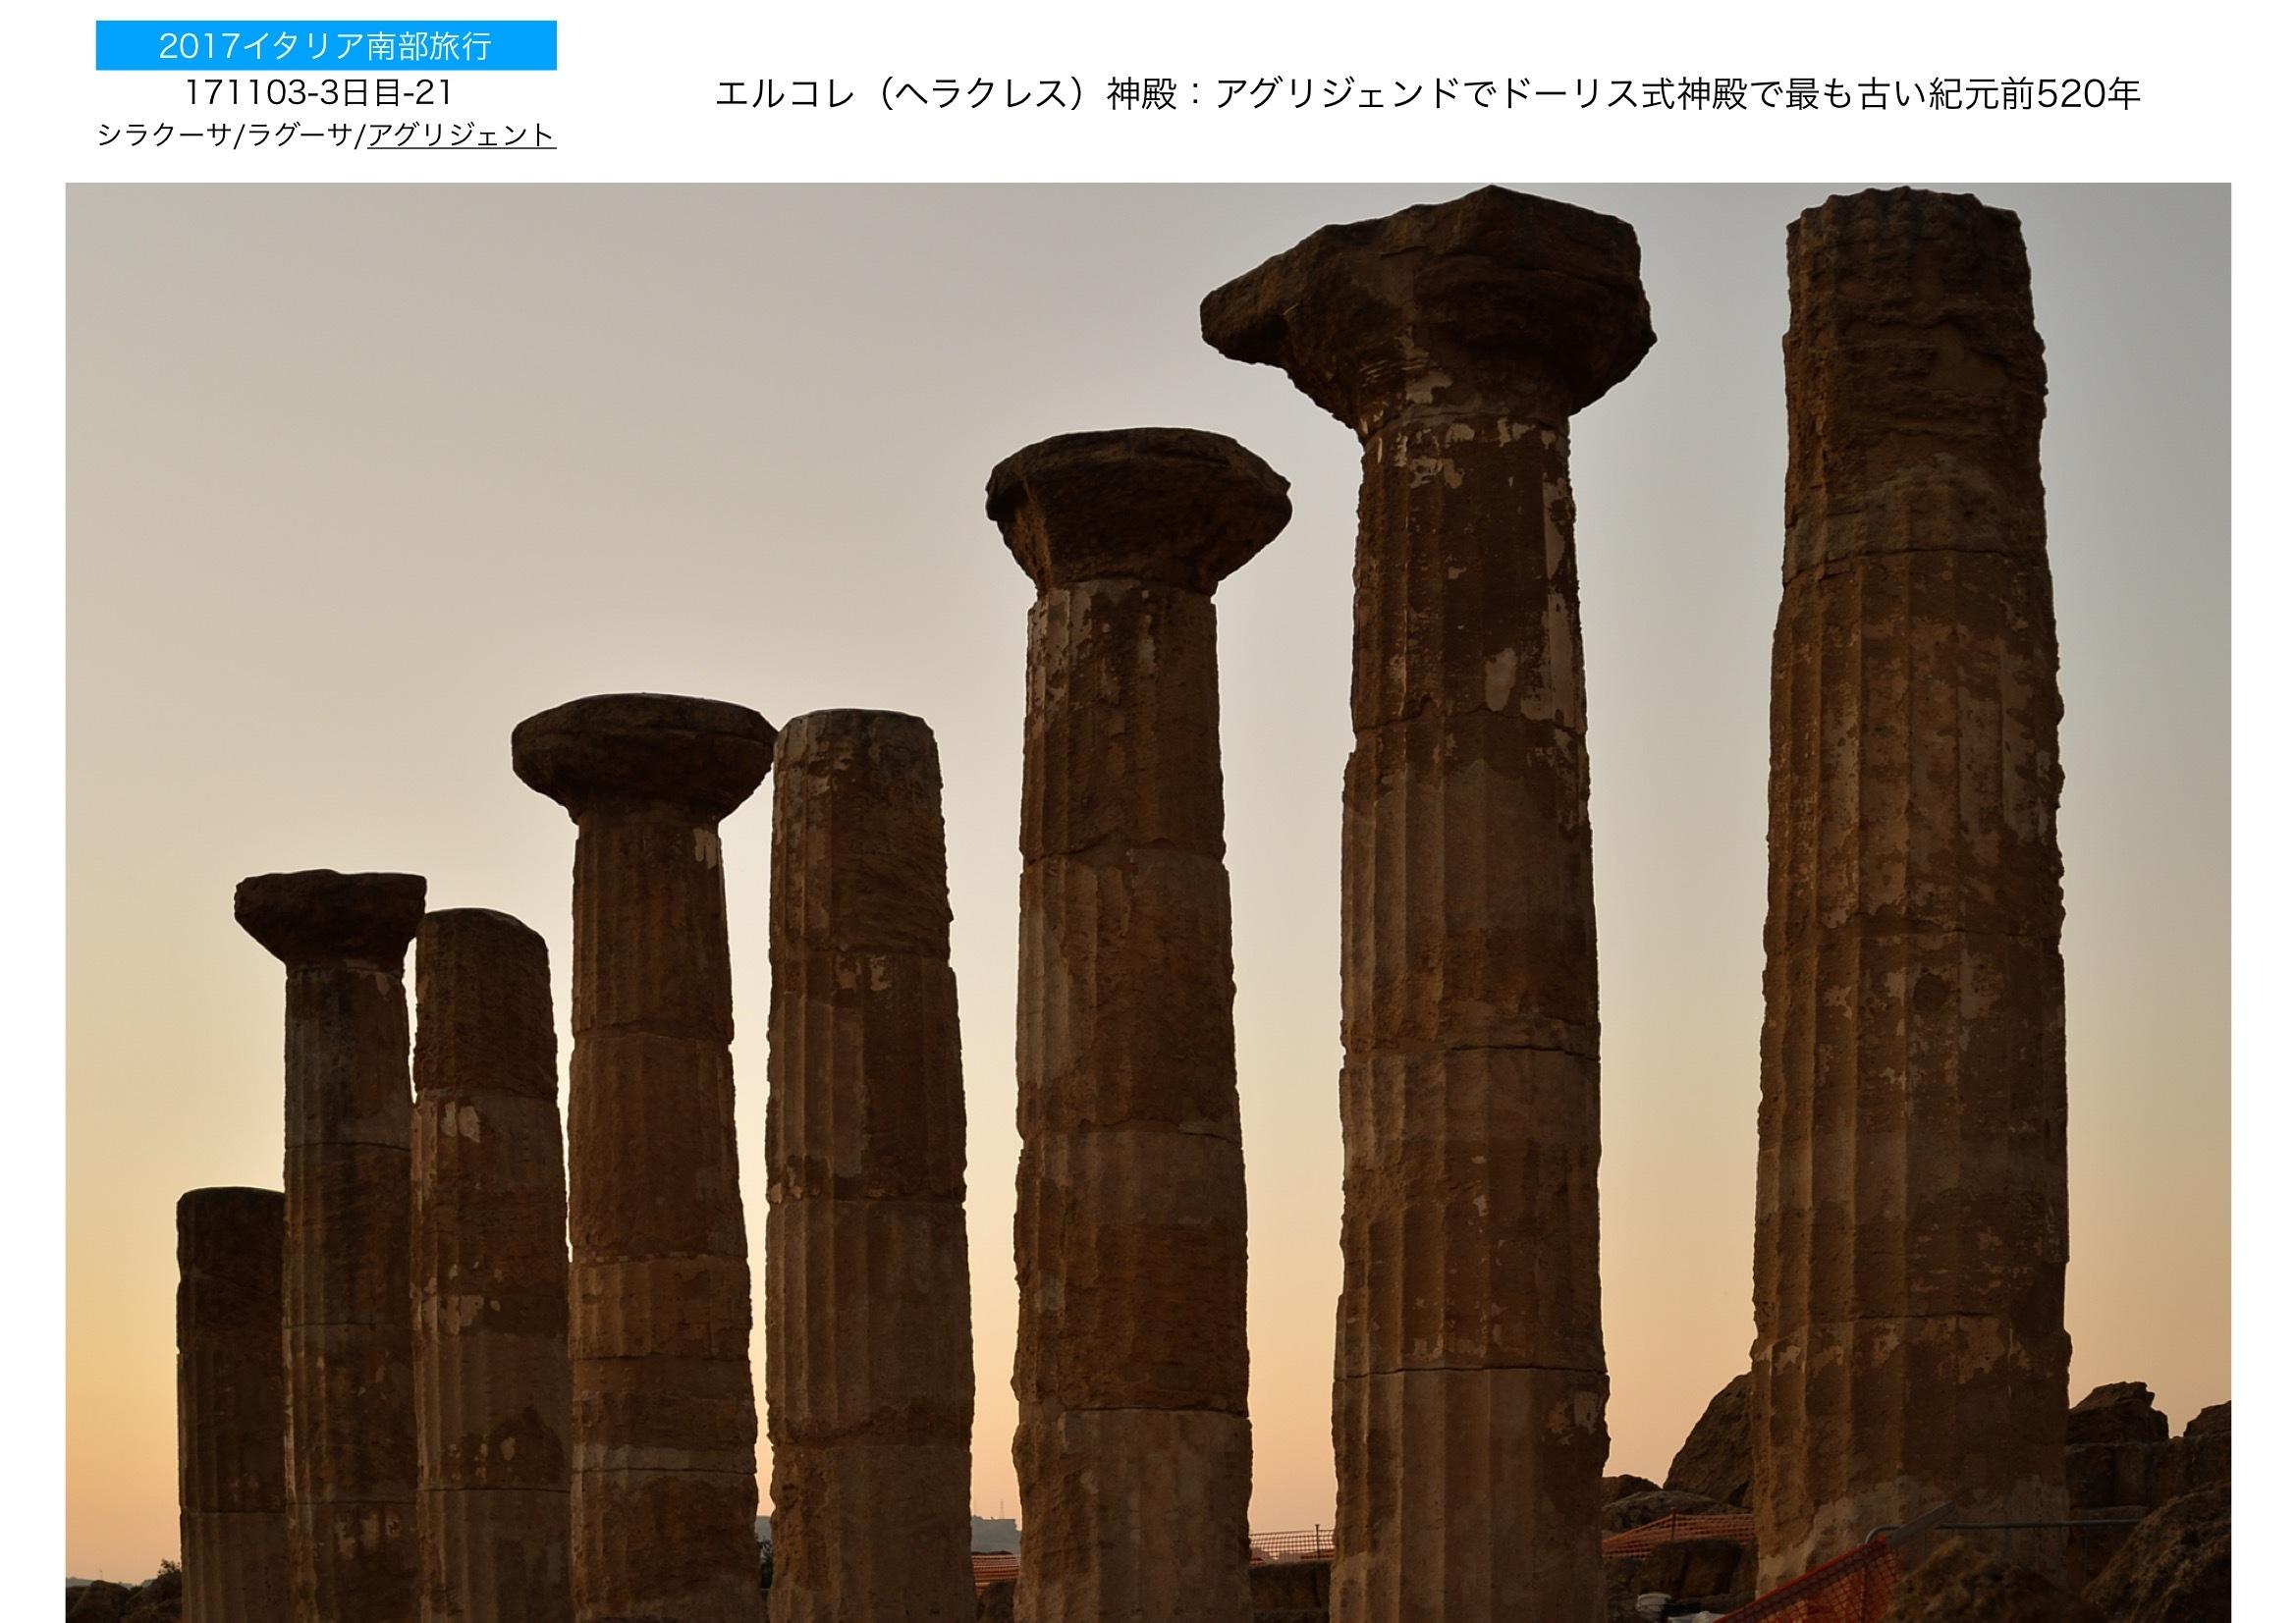 イタリア南部3000年の歴史遺構を訪ねて...3日目_f0099102_14460739.jpeg